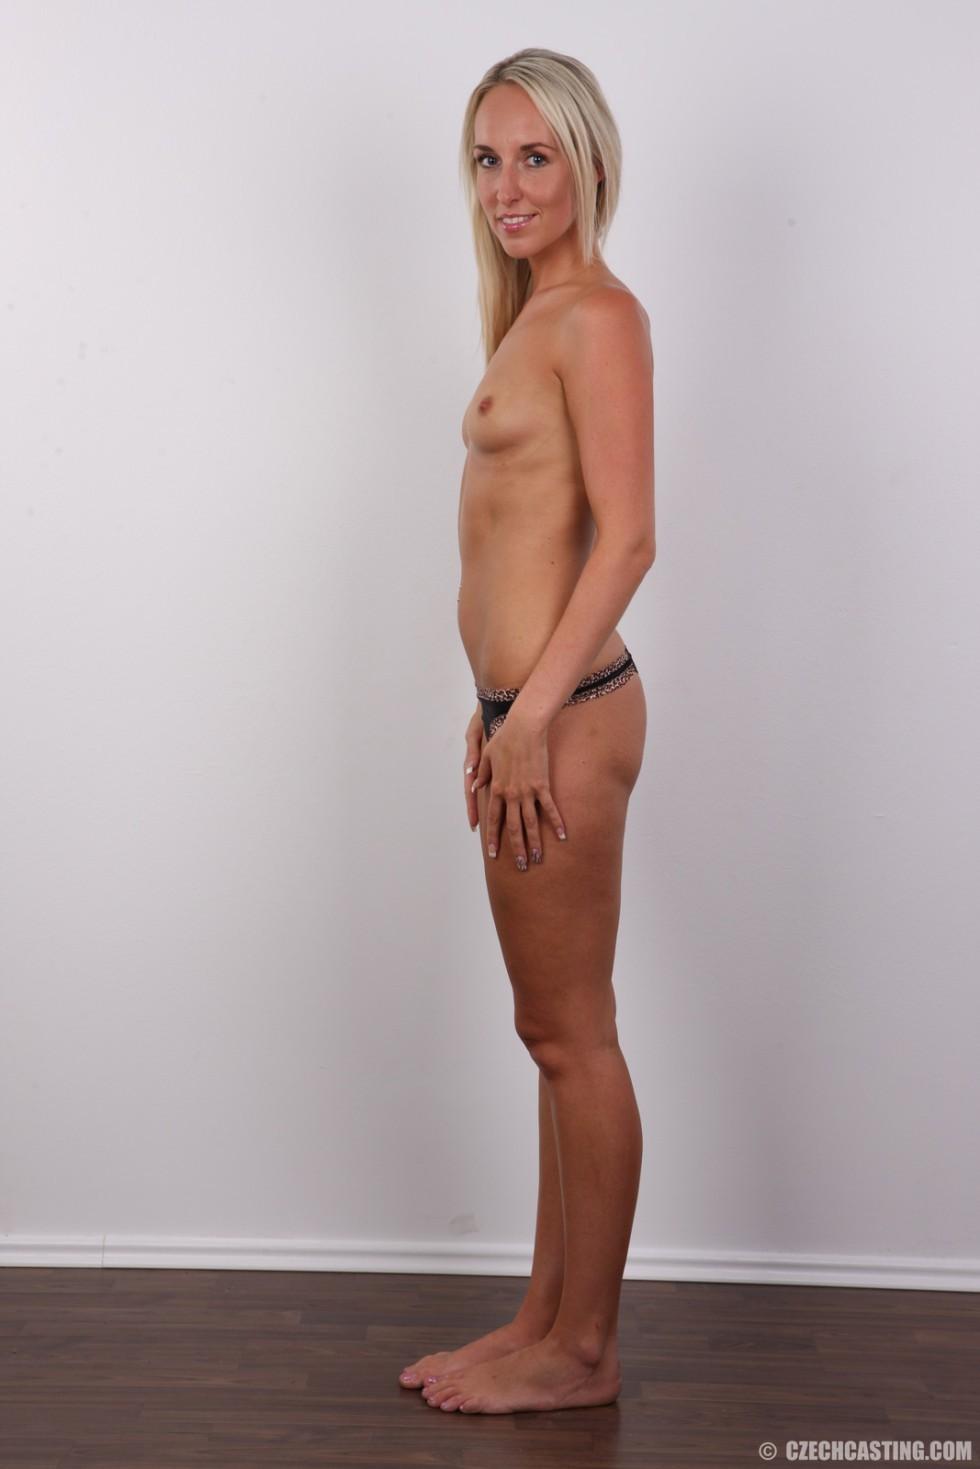 Фигуристые женщины - Порно галерея № 3473210